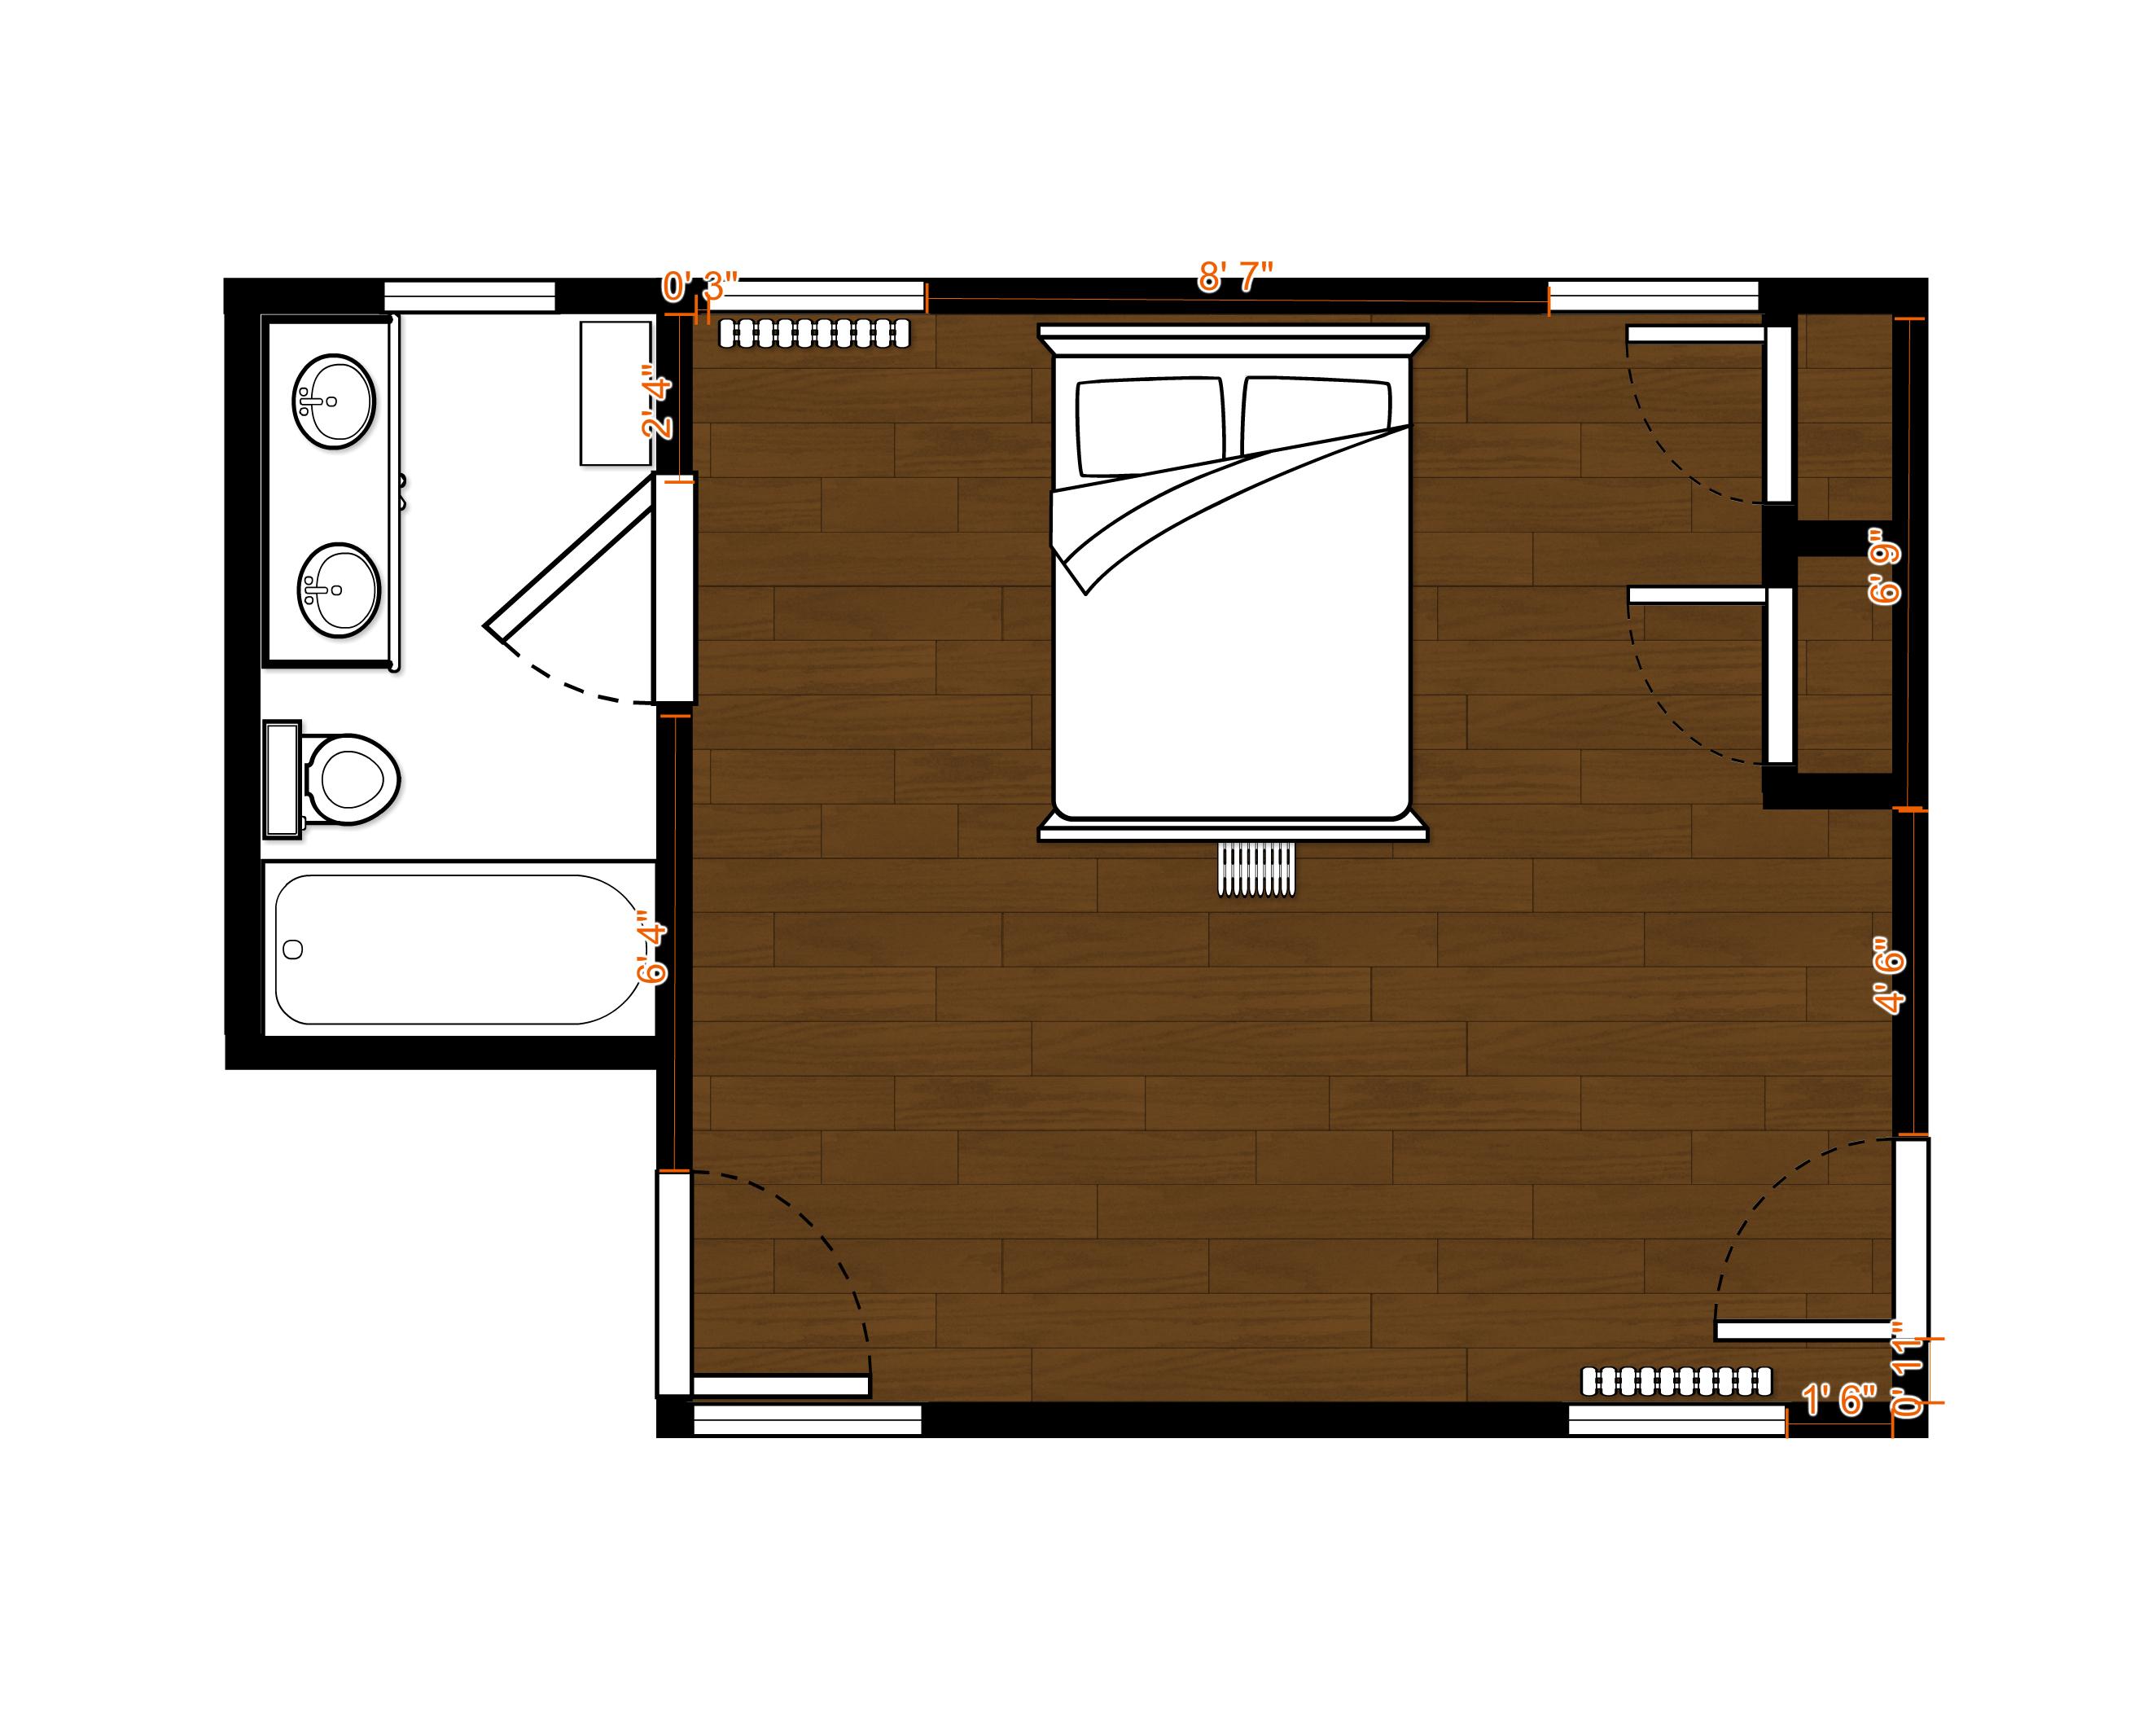 2016 bucks county designer house u0026 garden bedroom the floor plan